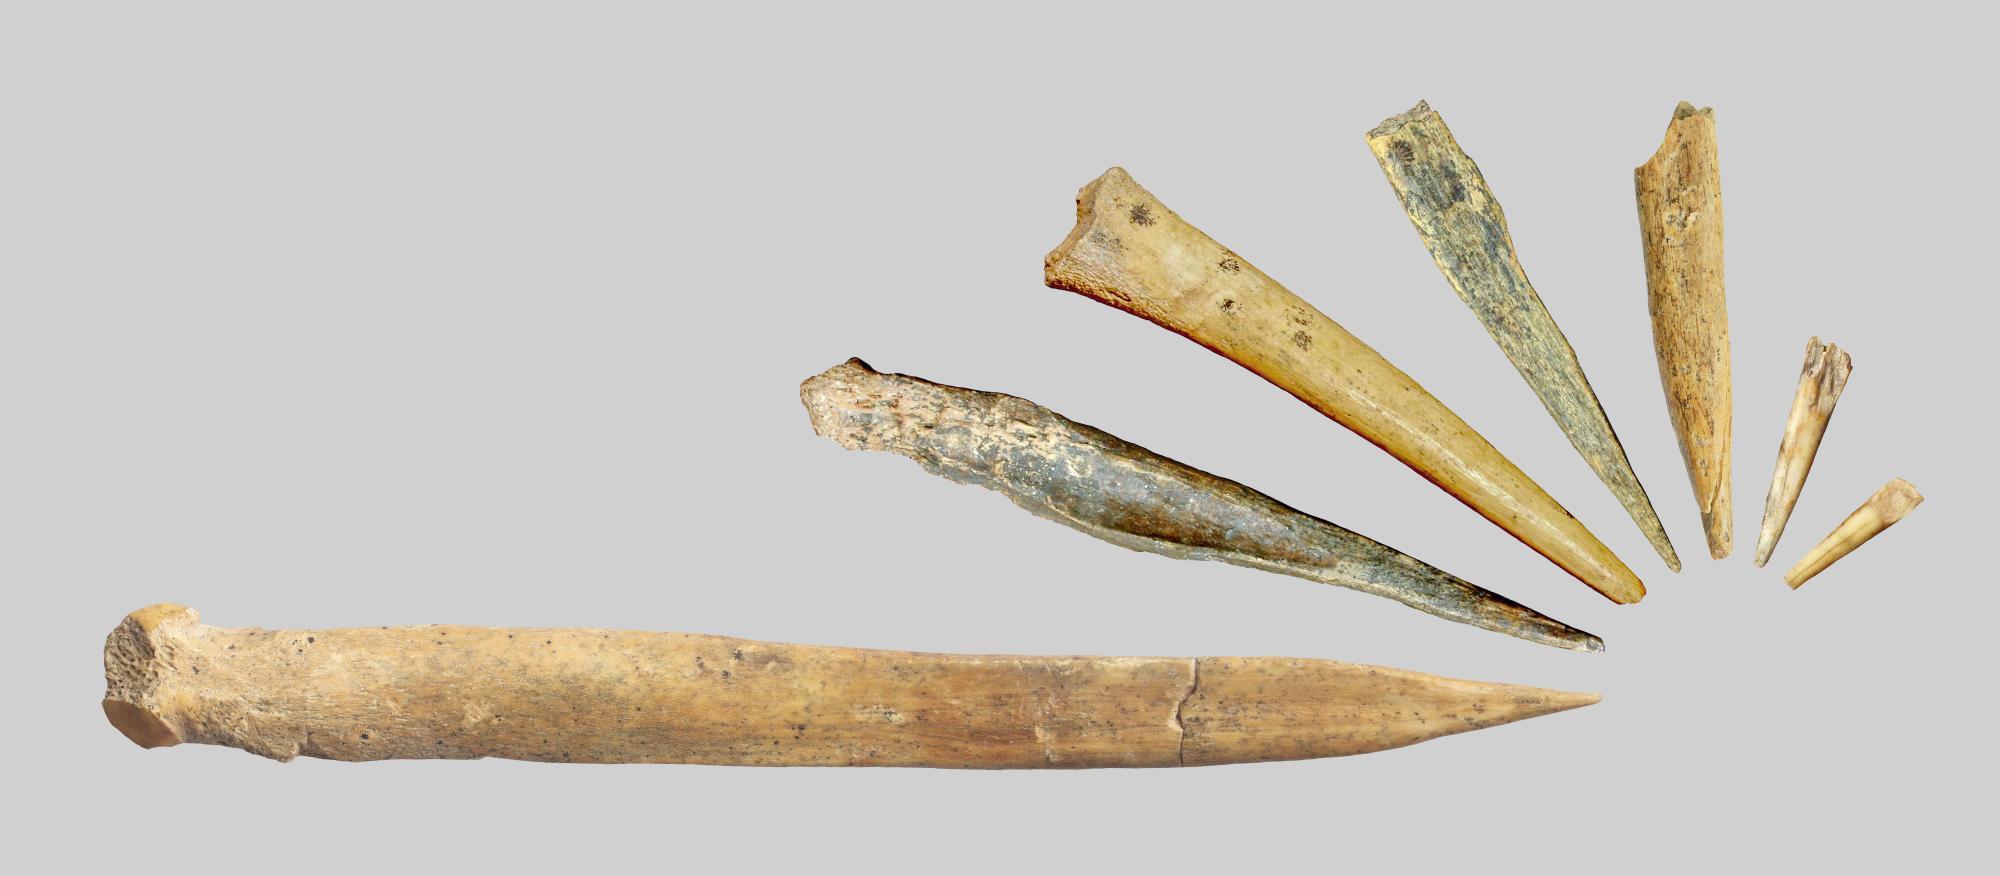 Костяные иглы помогли древним людям освоить Сибирь